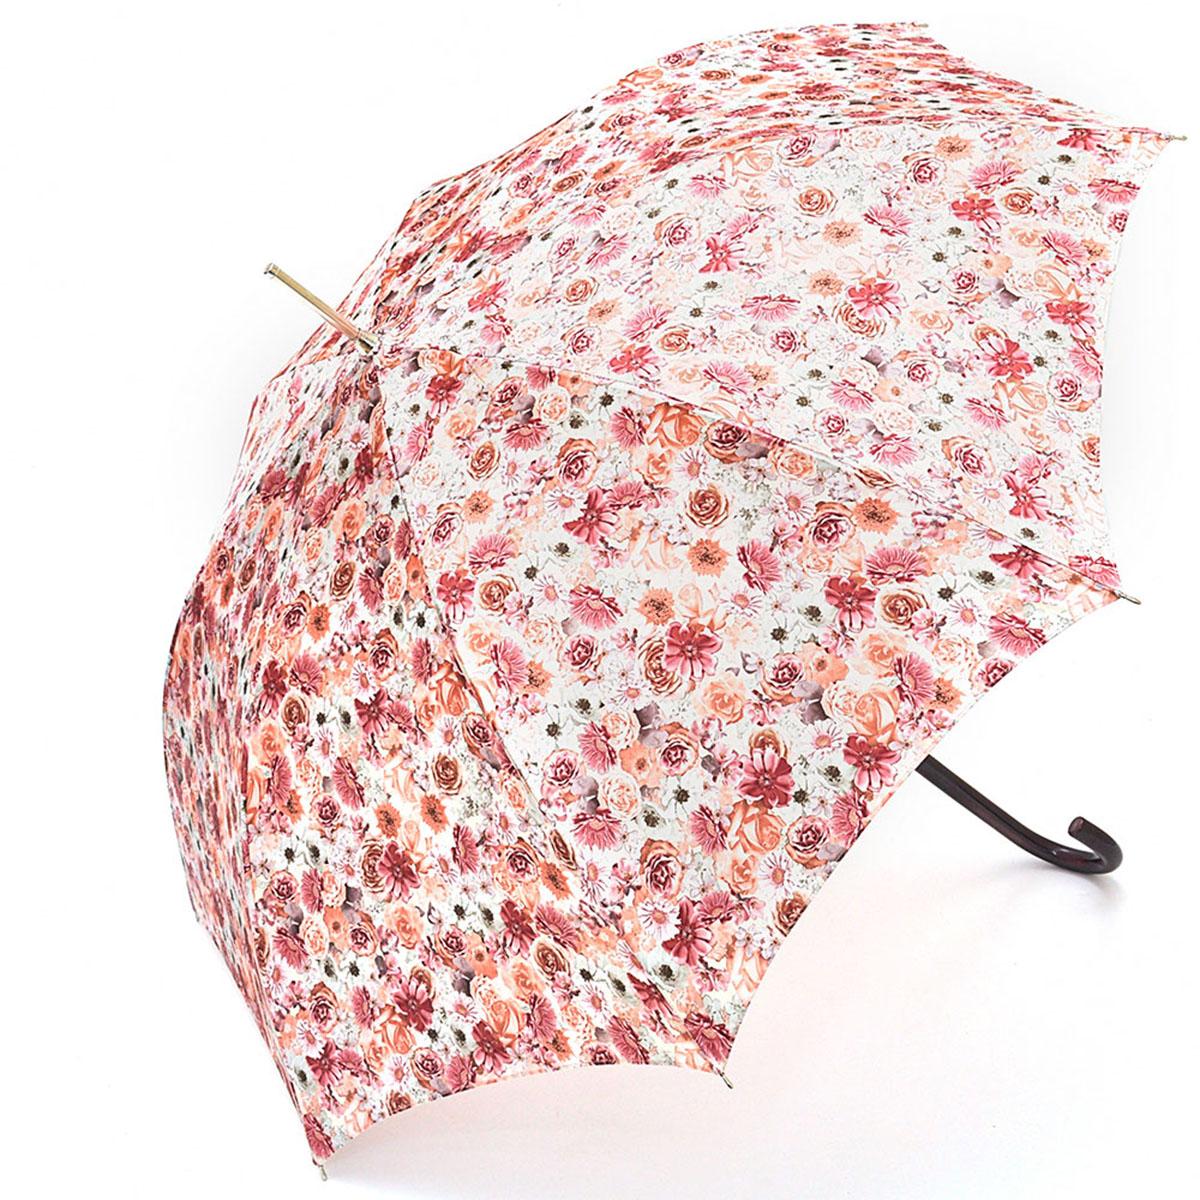 Зонт-трость женский Stilla, цвет: белый, розовый, оранжевый. 695/1 auto45100948B/32793/5900NЗонт-трость Stilla надежно защитит вас от дождя. Купол, оформленный оригинальным принтом, выполнен из высококачественного ПВХ, который не пропускает воду.Каркас зонта и спицы выполнены из высококарбонистой стали. Зонт имеет автоматический тип сложения: открывается и закрывается при нажатии на кнопку. Удобная ручка выполнена из пластика.